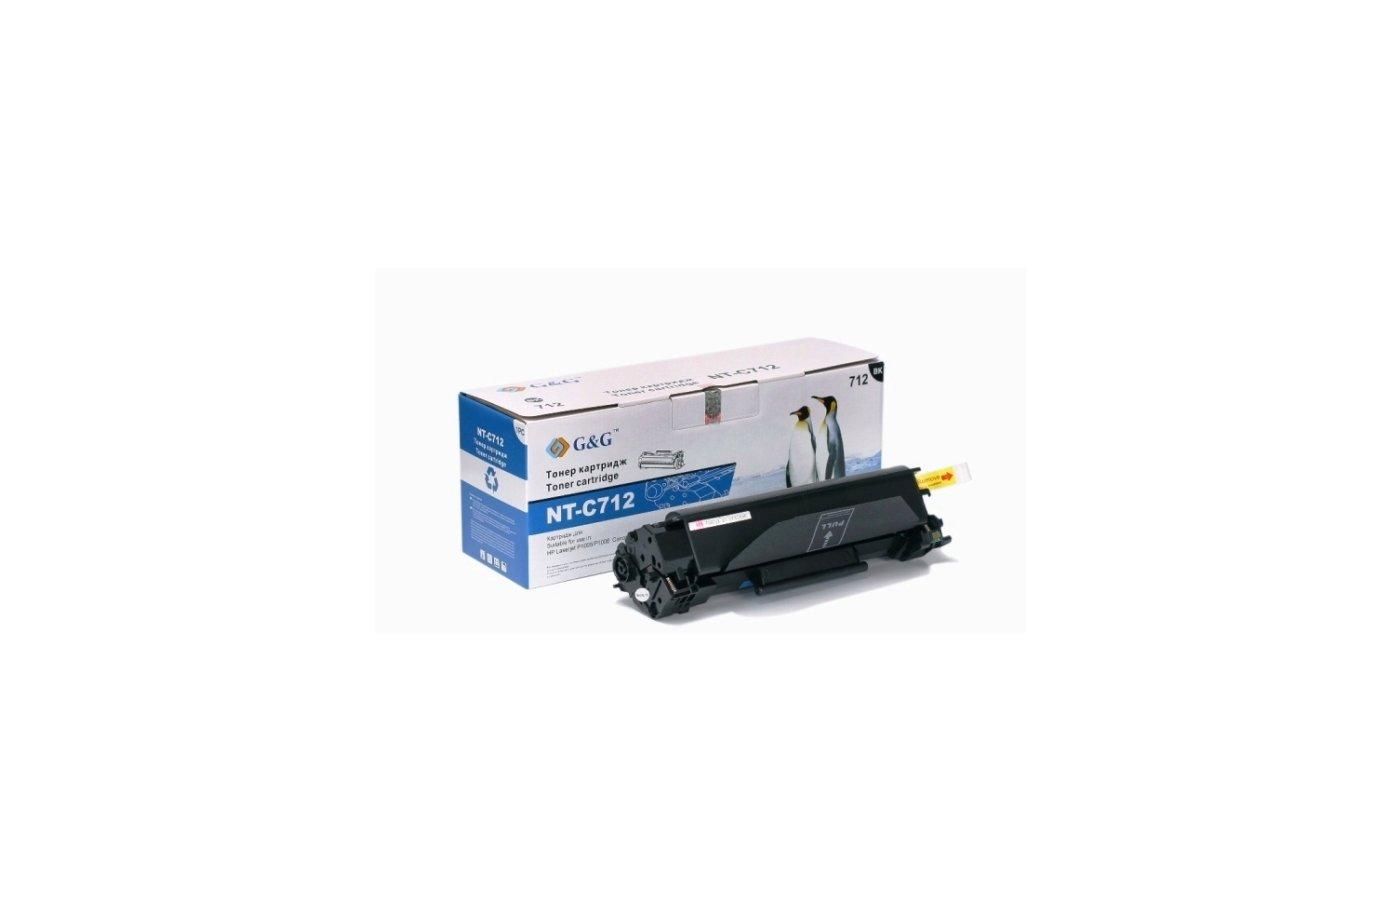 Картридж лазерный GG NT-C712 Совместимый для HP Laserjet P1005/P1006 Canon LBP-3050/3100/3150/3010/3018 (1500 стр)